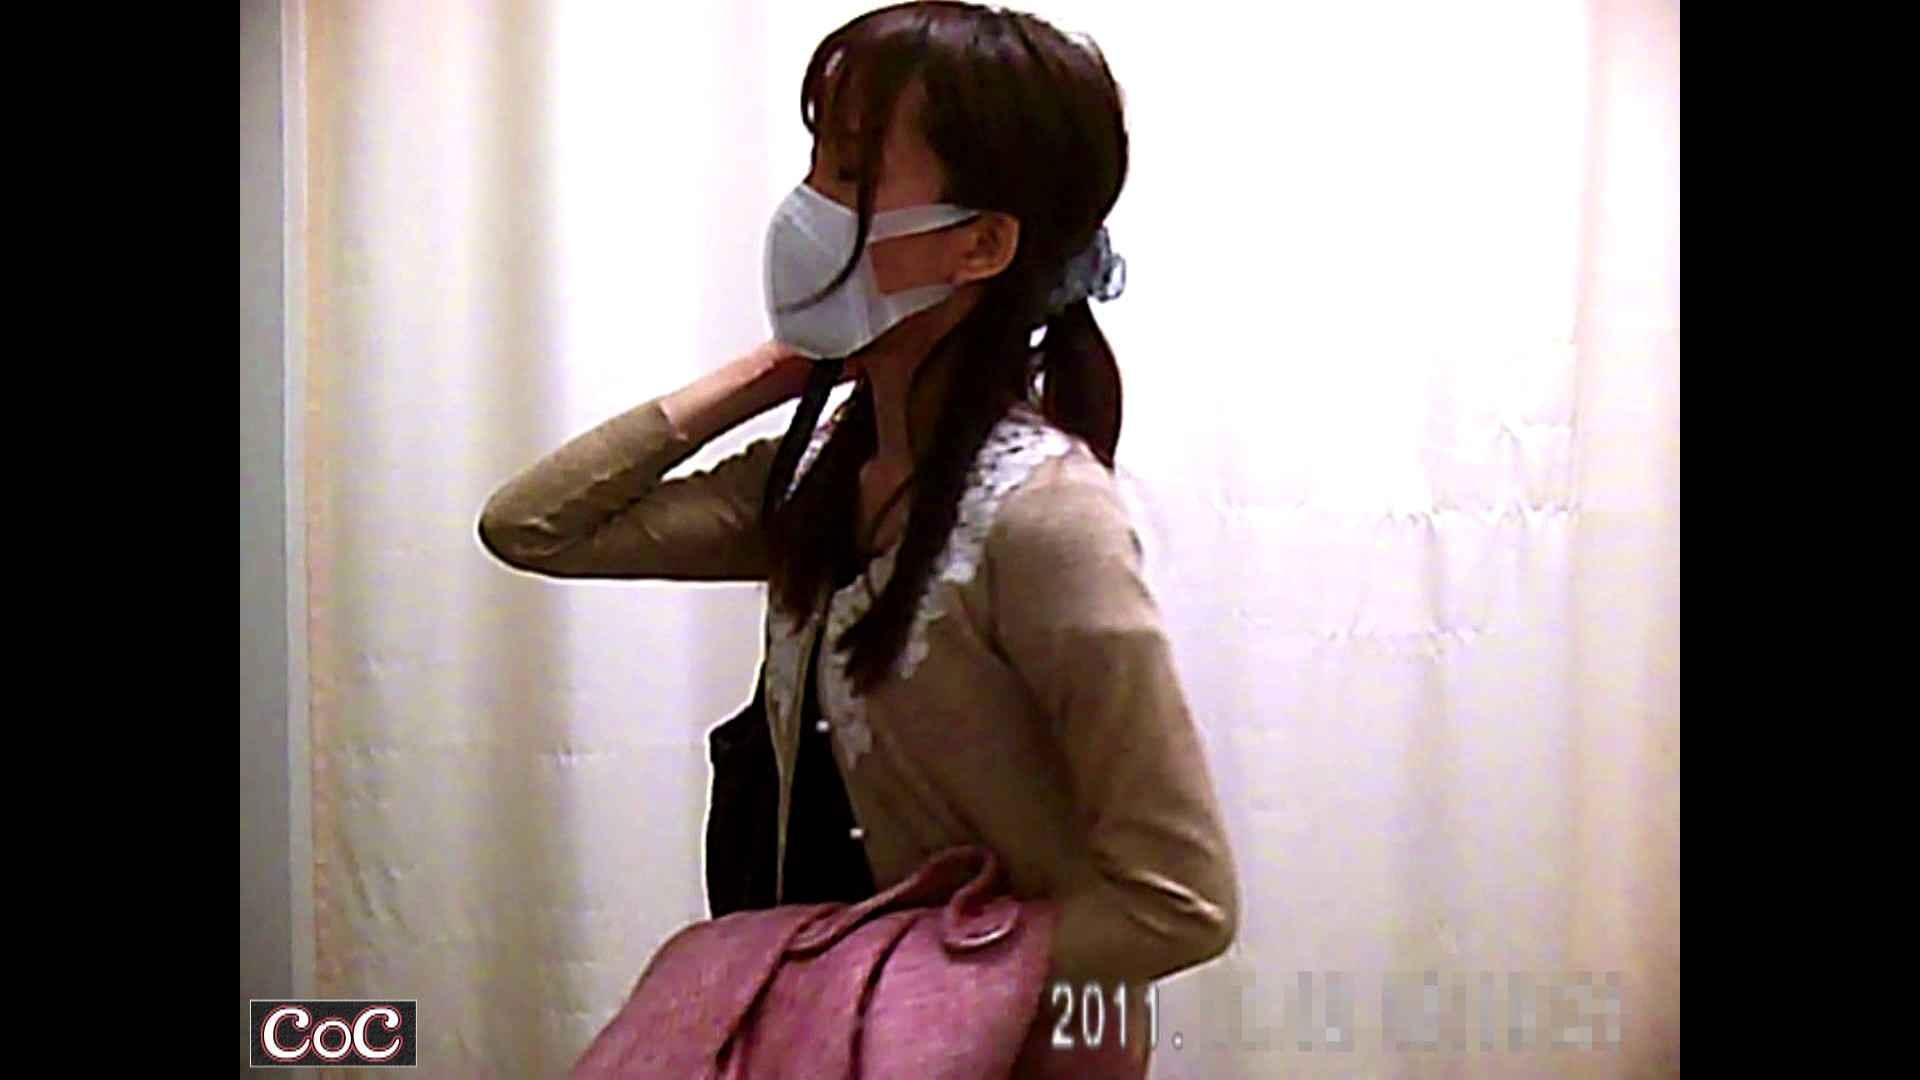 元医者による反抗 更衣室地獄絵巻 vol.216 エッチすぎるOL達  71連発 36